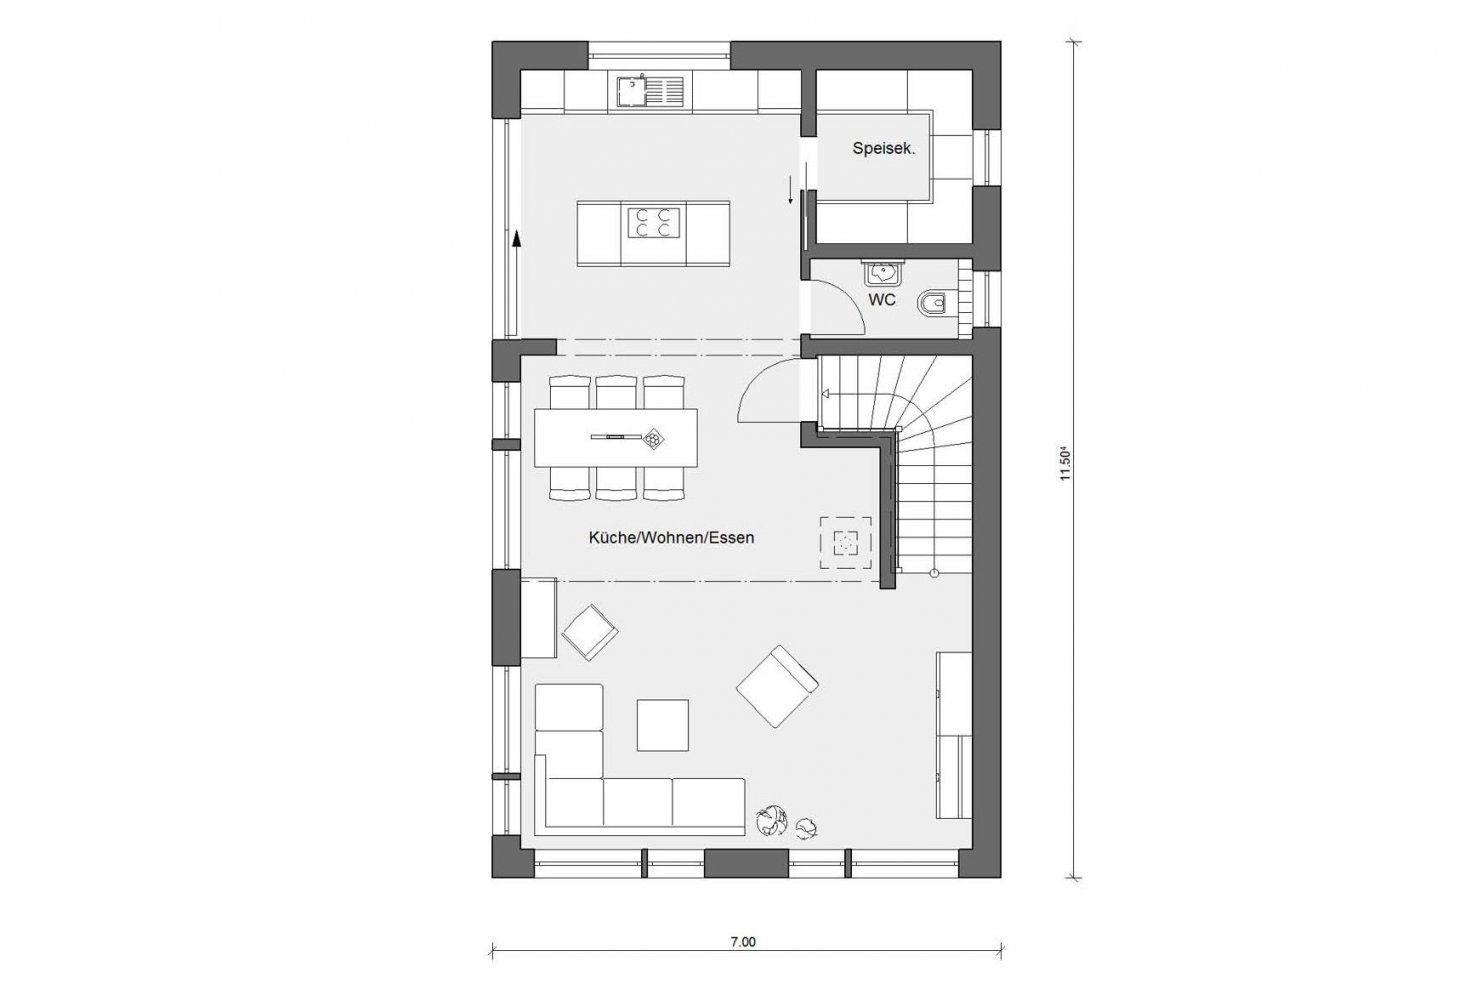 Einfamilienhaus Mit Schmalem Grundriss  Schwörerhaus von Einfamilienhaus Am Hang Grundrisse Bild